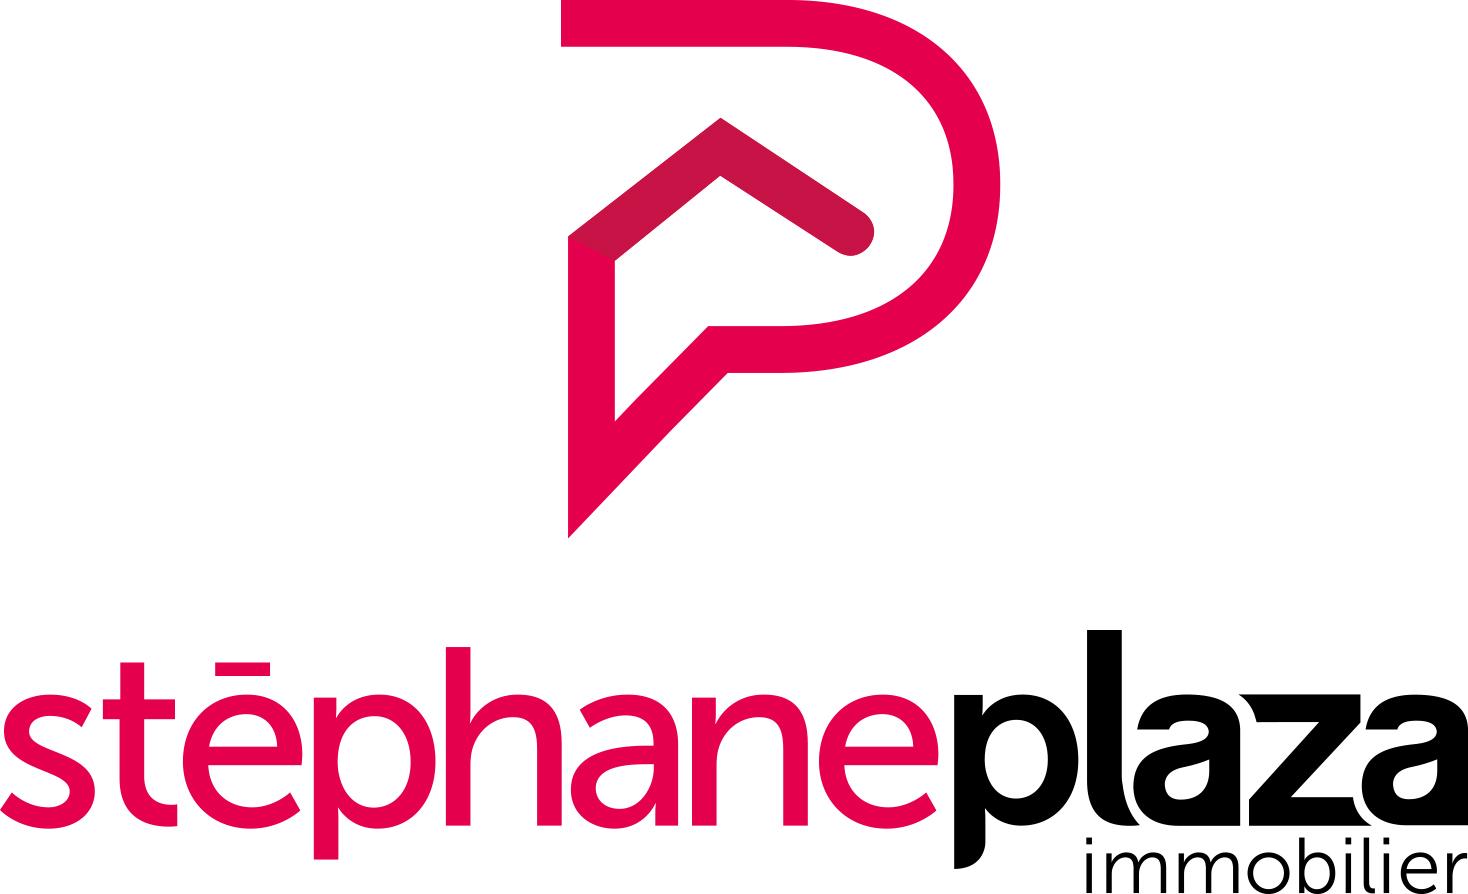 Stephane Plaza Immobilier Latour Bas Elne agence immobilière Latour Bas Elne 66200